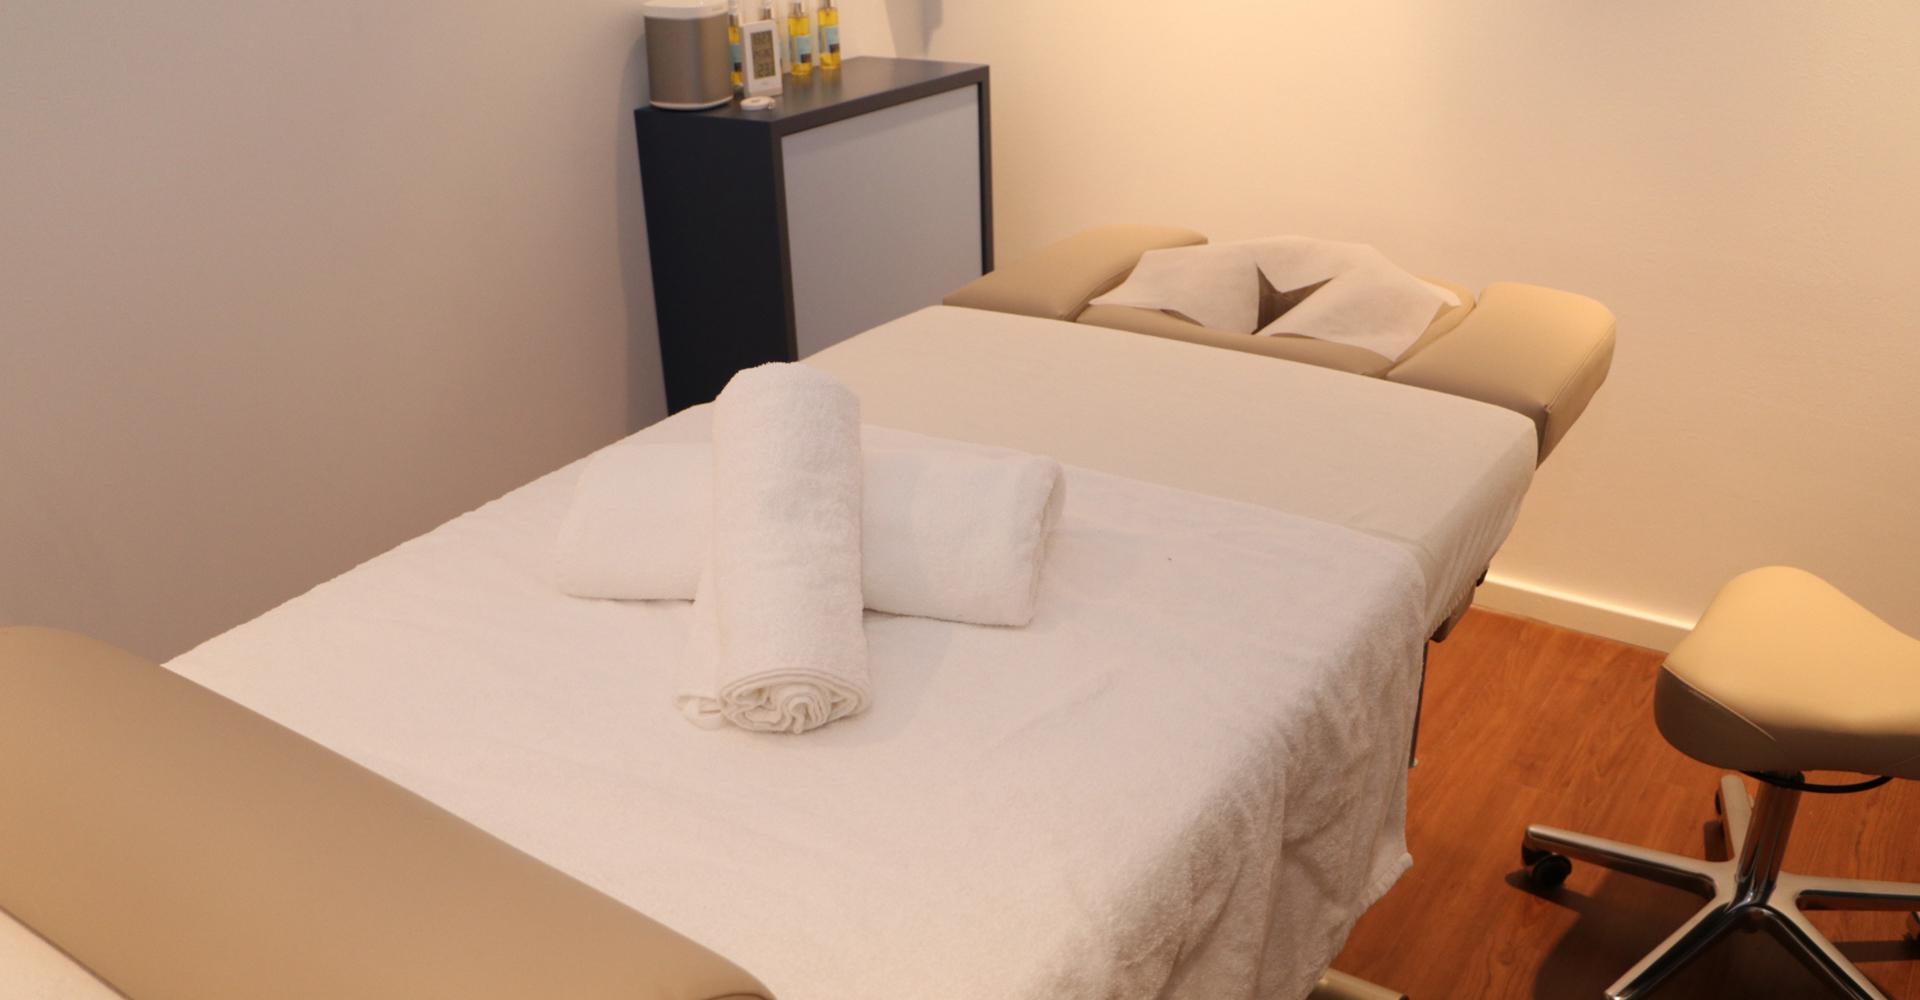 myssage-massage-duesseldorf-massageliege